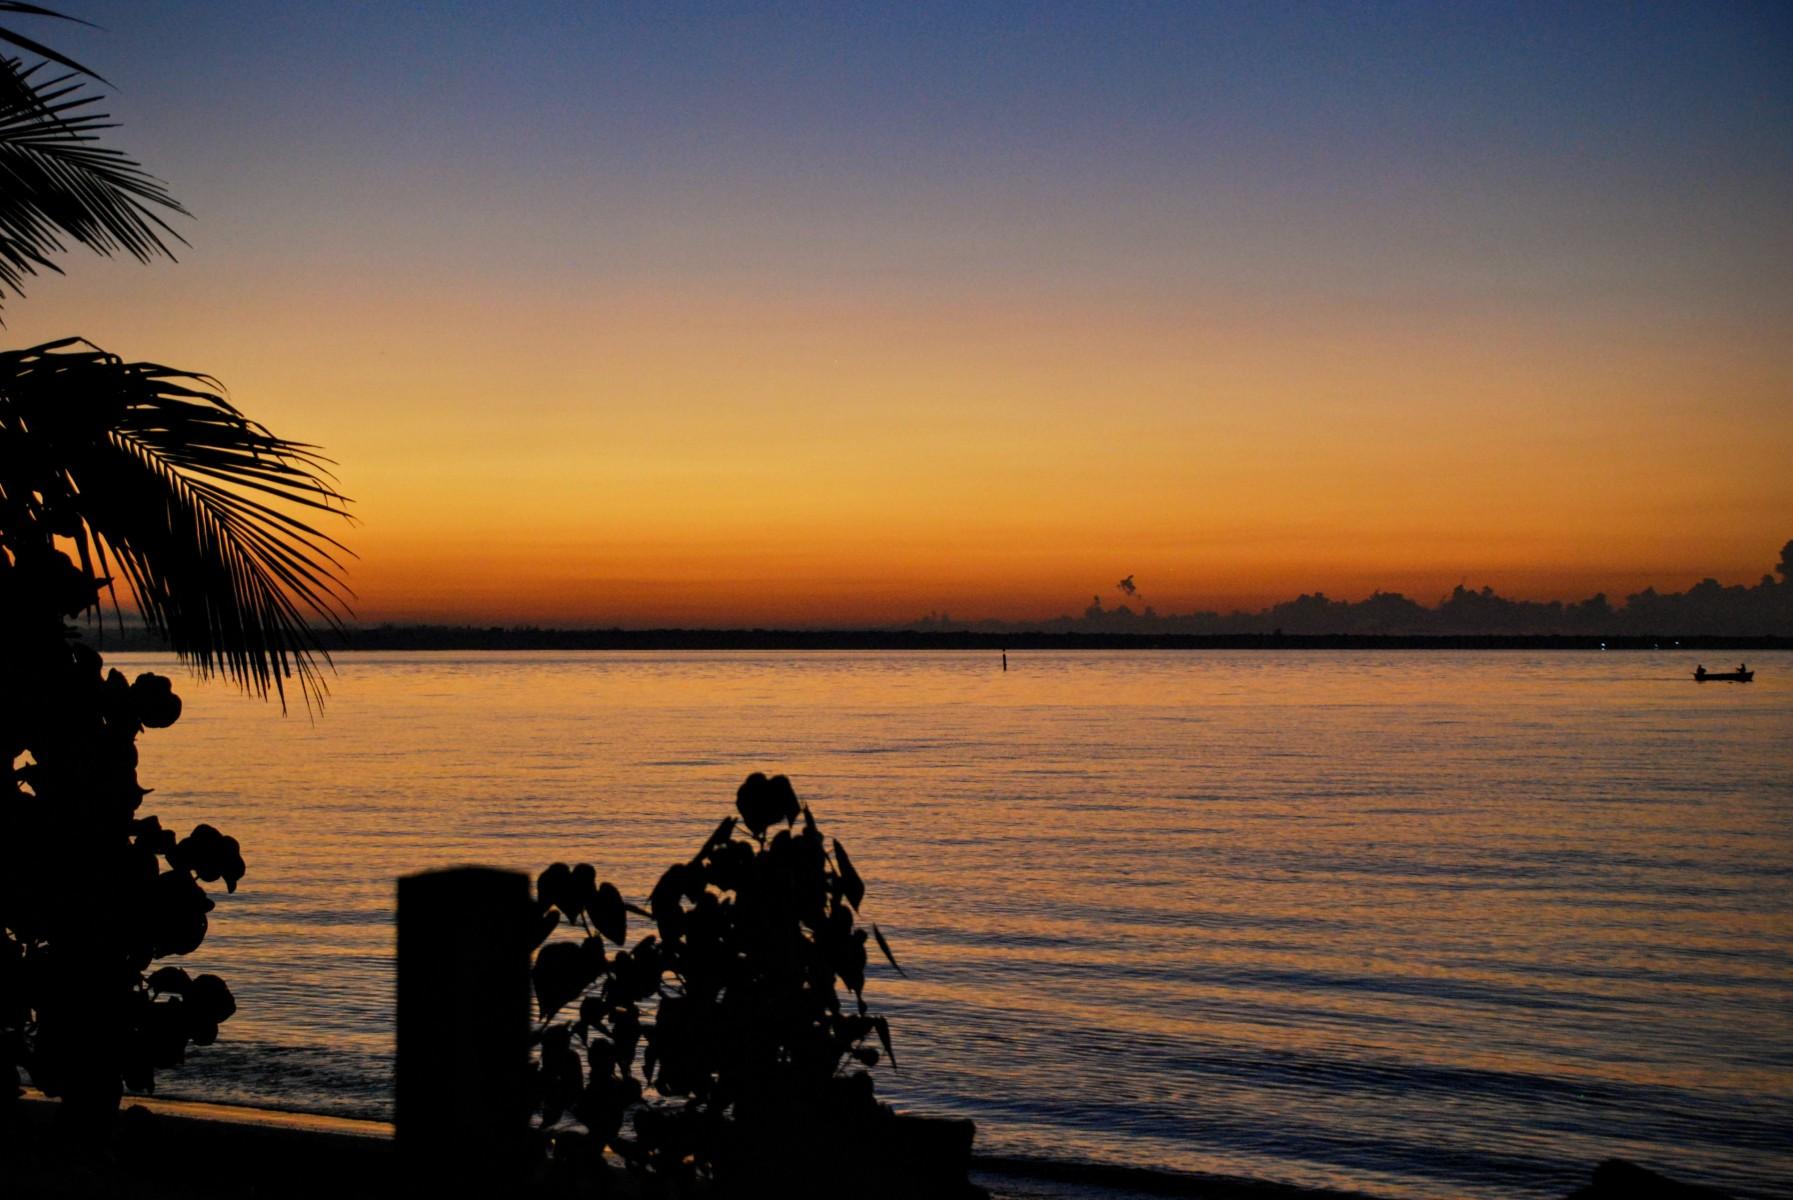 Playa Larga - Bahía de Cochinos (Zatoka Świń)